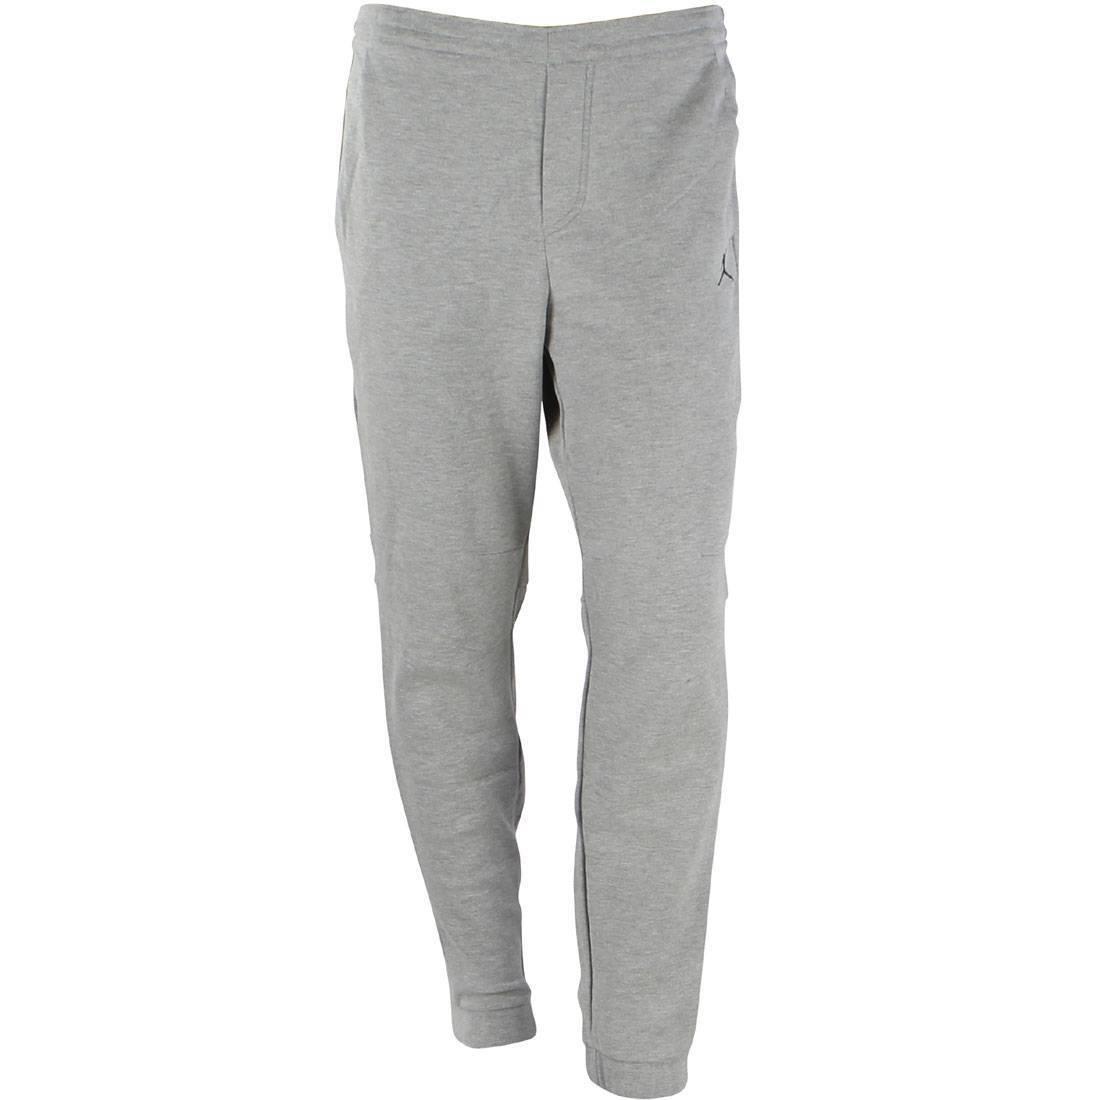 Air Jordan Knit City Pant   724493 021 Grau Men Sz 32 -38